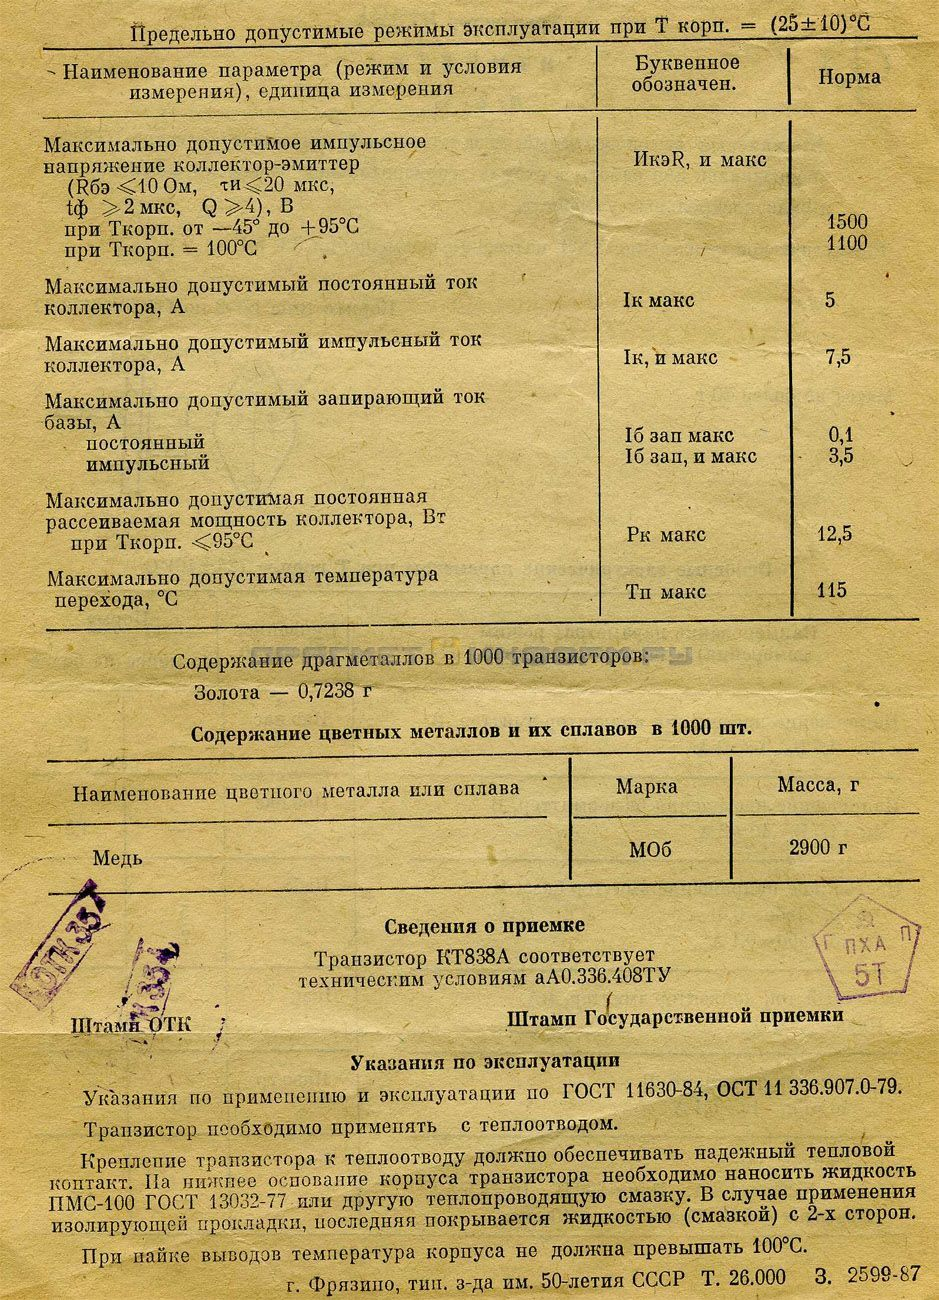 Формуляр КТ838А